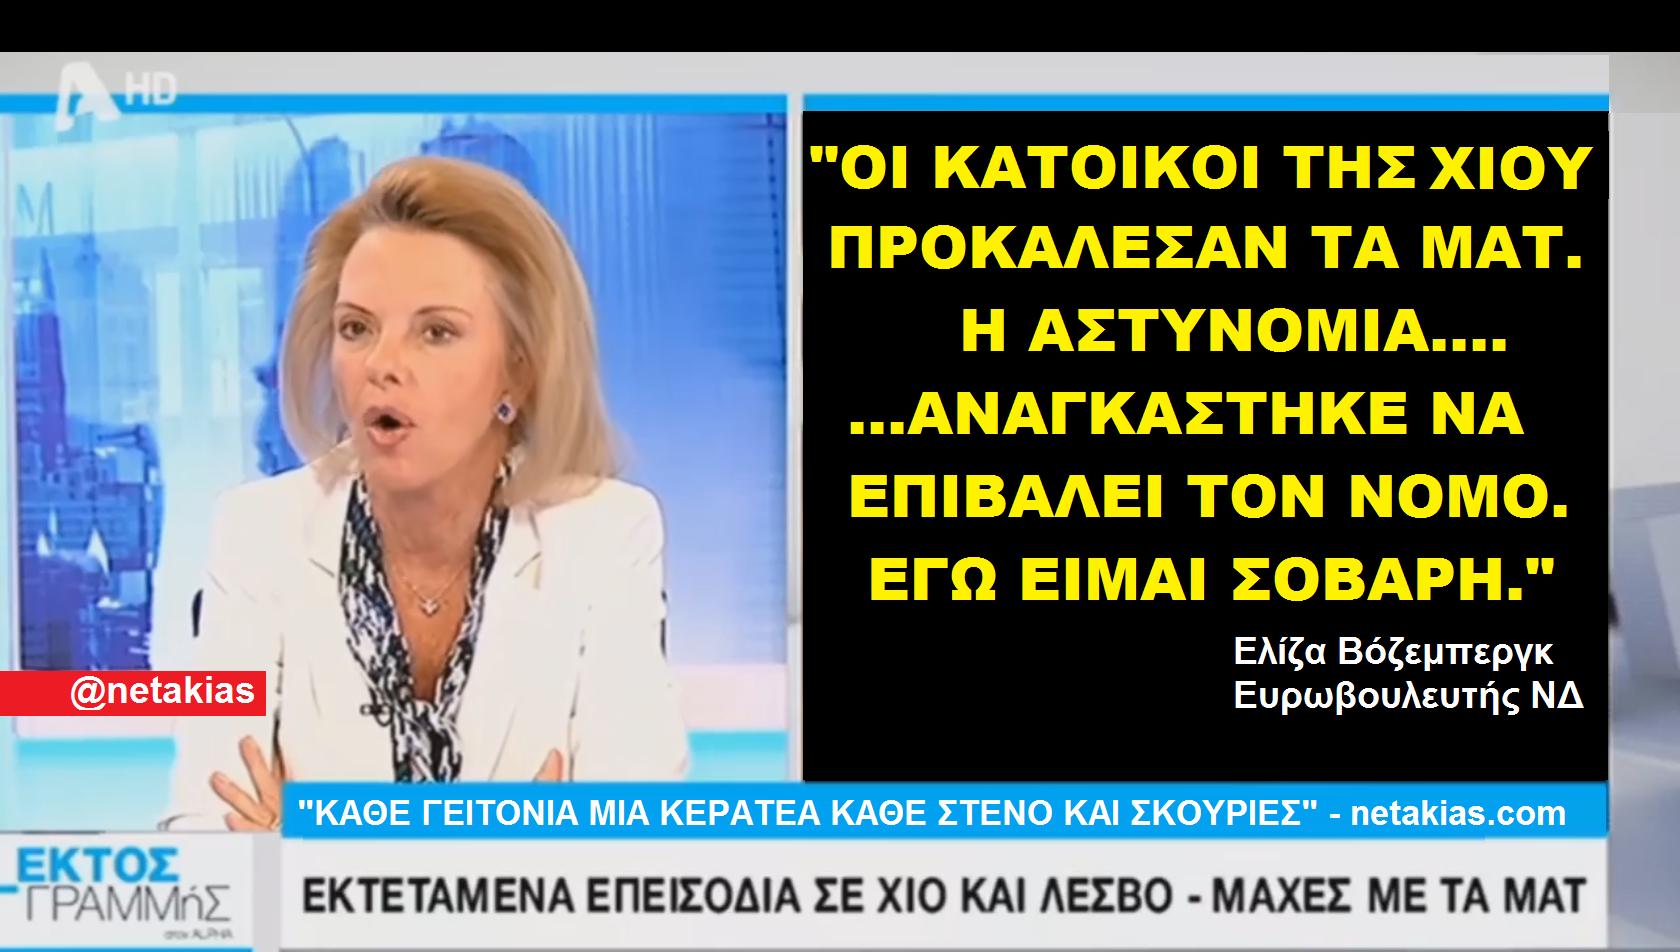 """""""Οι κάτοικοι της Χίου προκάλεσαν τα ΜΑΤ. Εγώ είμαι σοβαρή"""" Ελίζα Βόζεμπεργκ ευρωβουλευτής ΝΔ [ΒΙΝΤΕΟ]"""